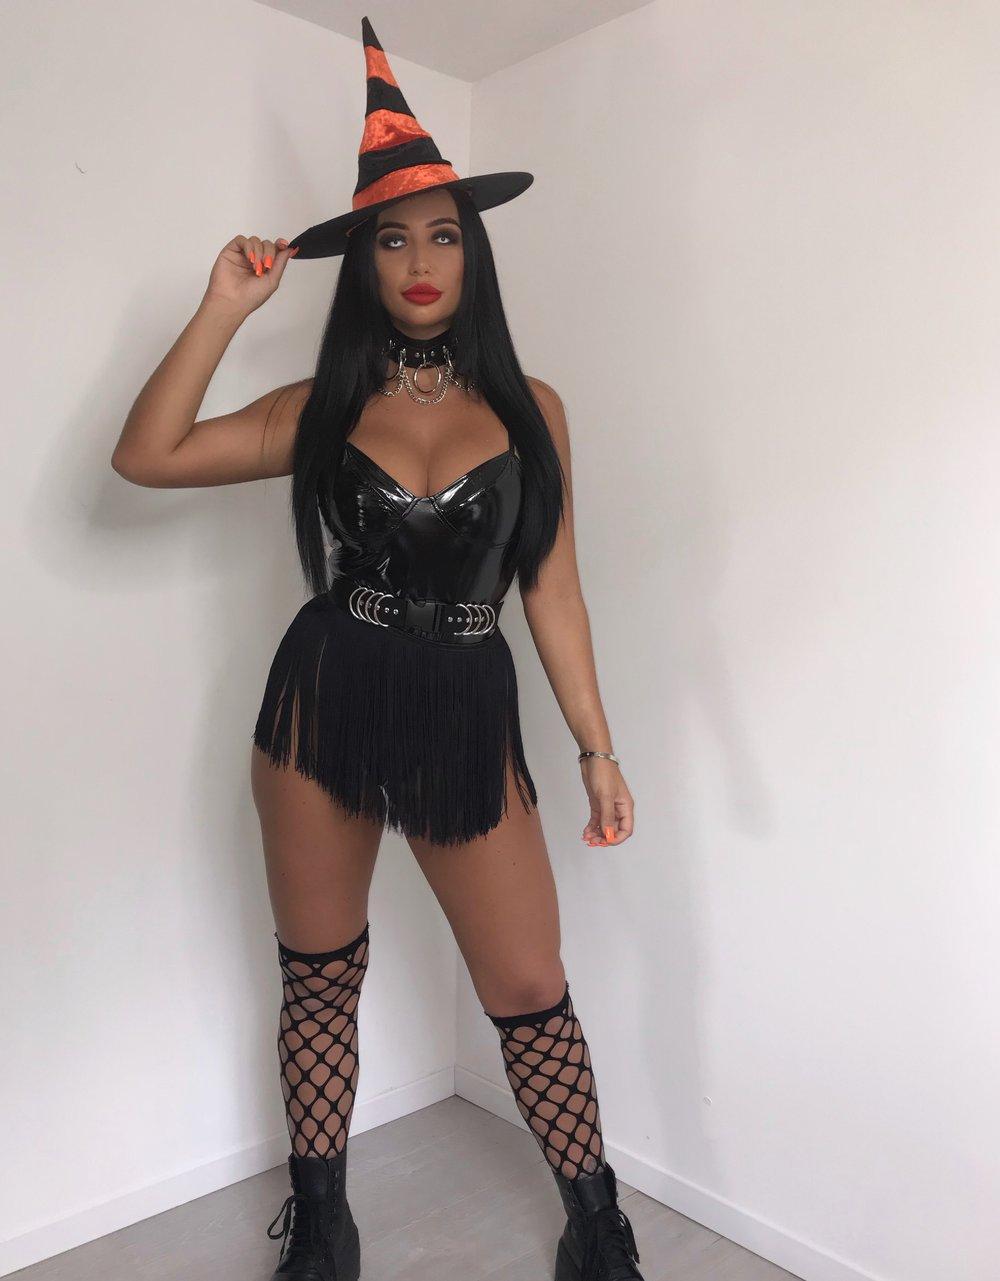 All Black Soul tassle skirt + Free fishnet SOCKS!